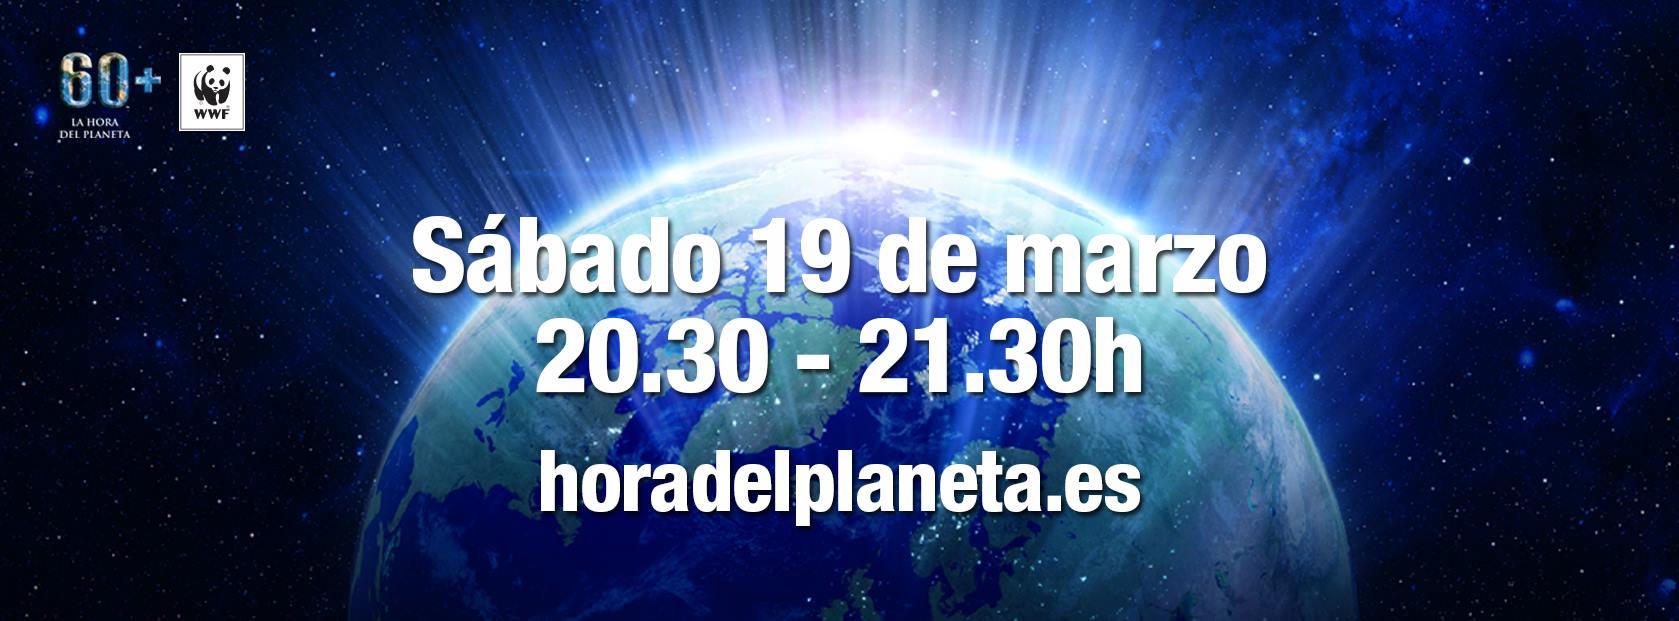 La Hora del Planeta 2016